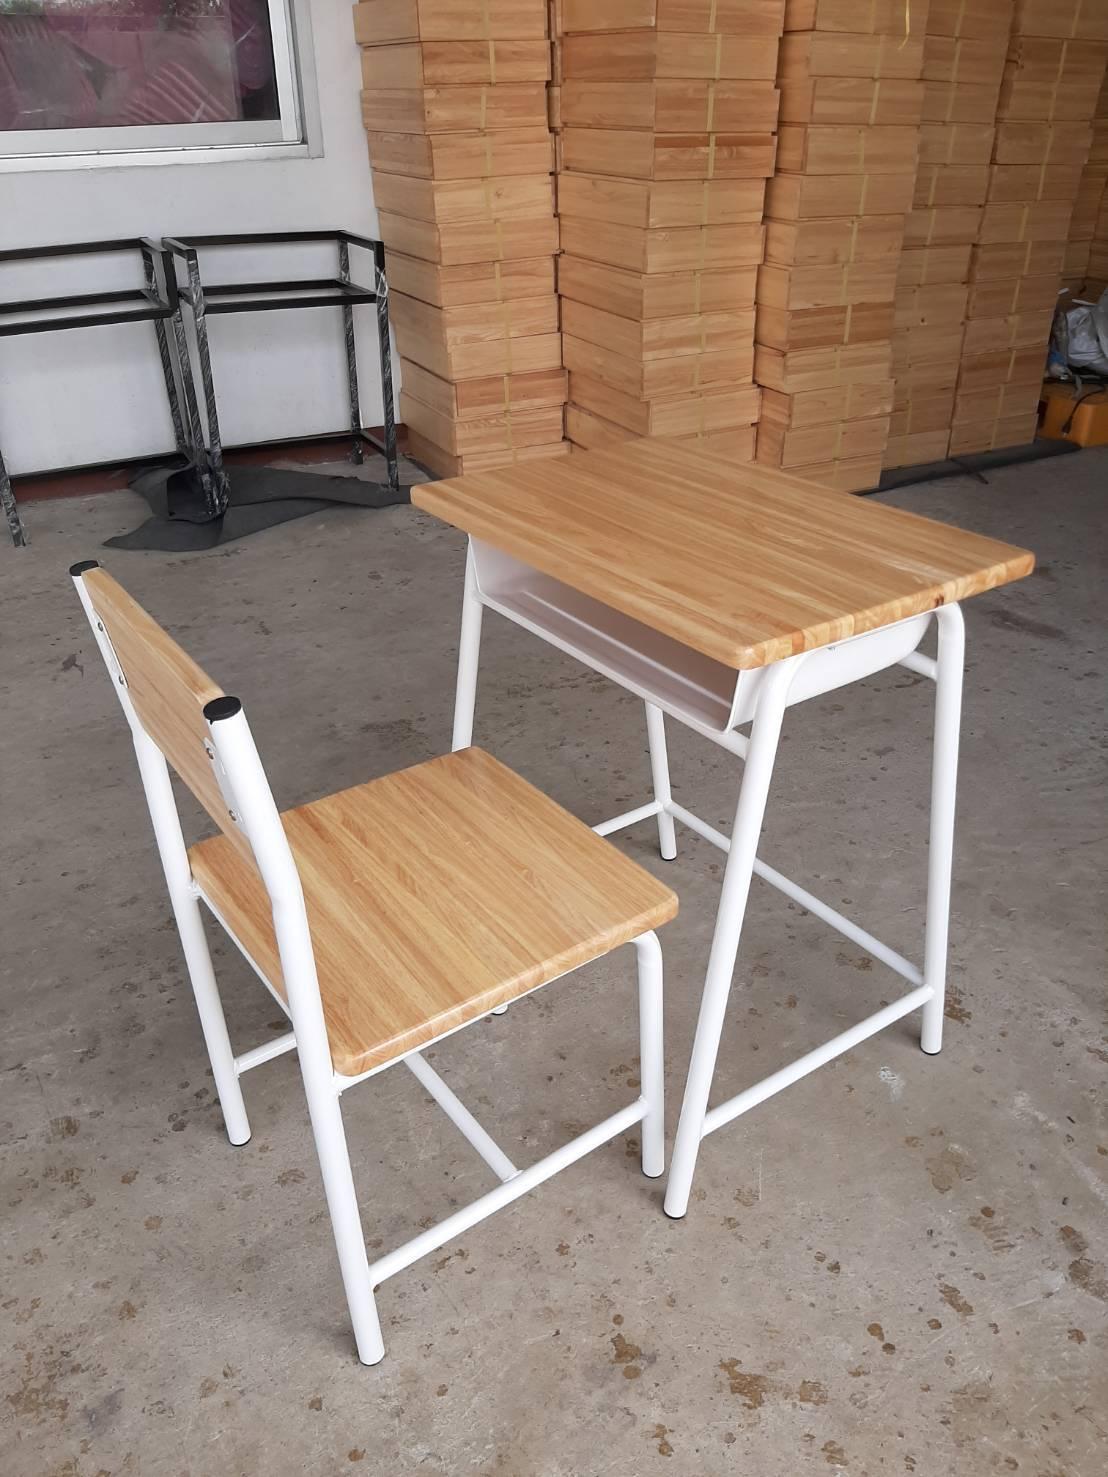 ชุดโต๊ะนักเรียน ไม้ยางพารา กล่องเหล็ก โต๊ะนักเรียนขากลม